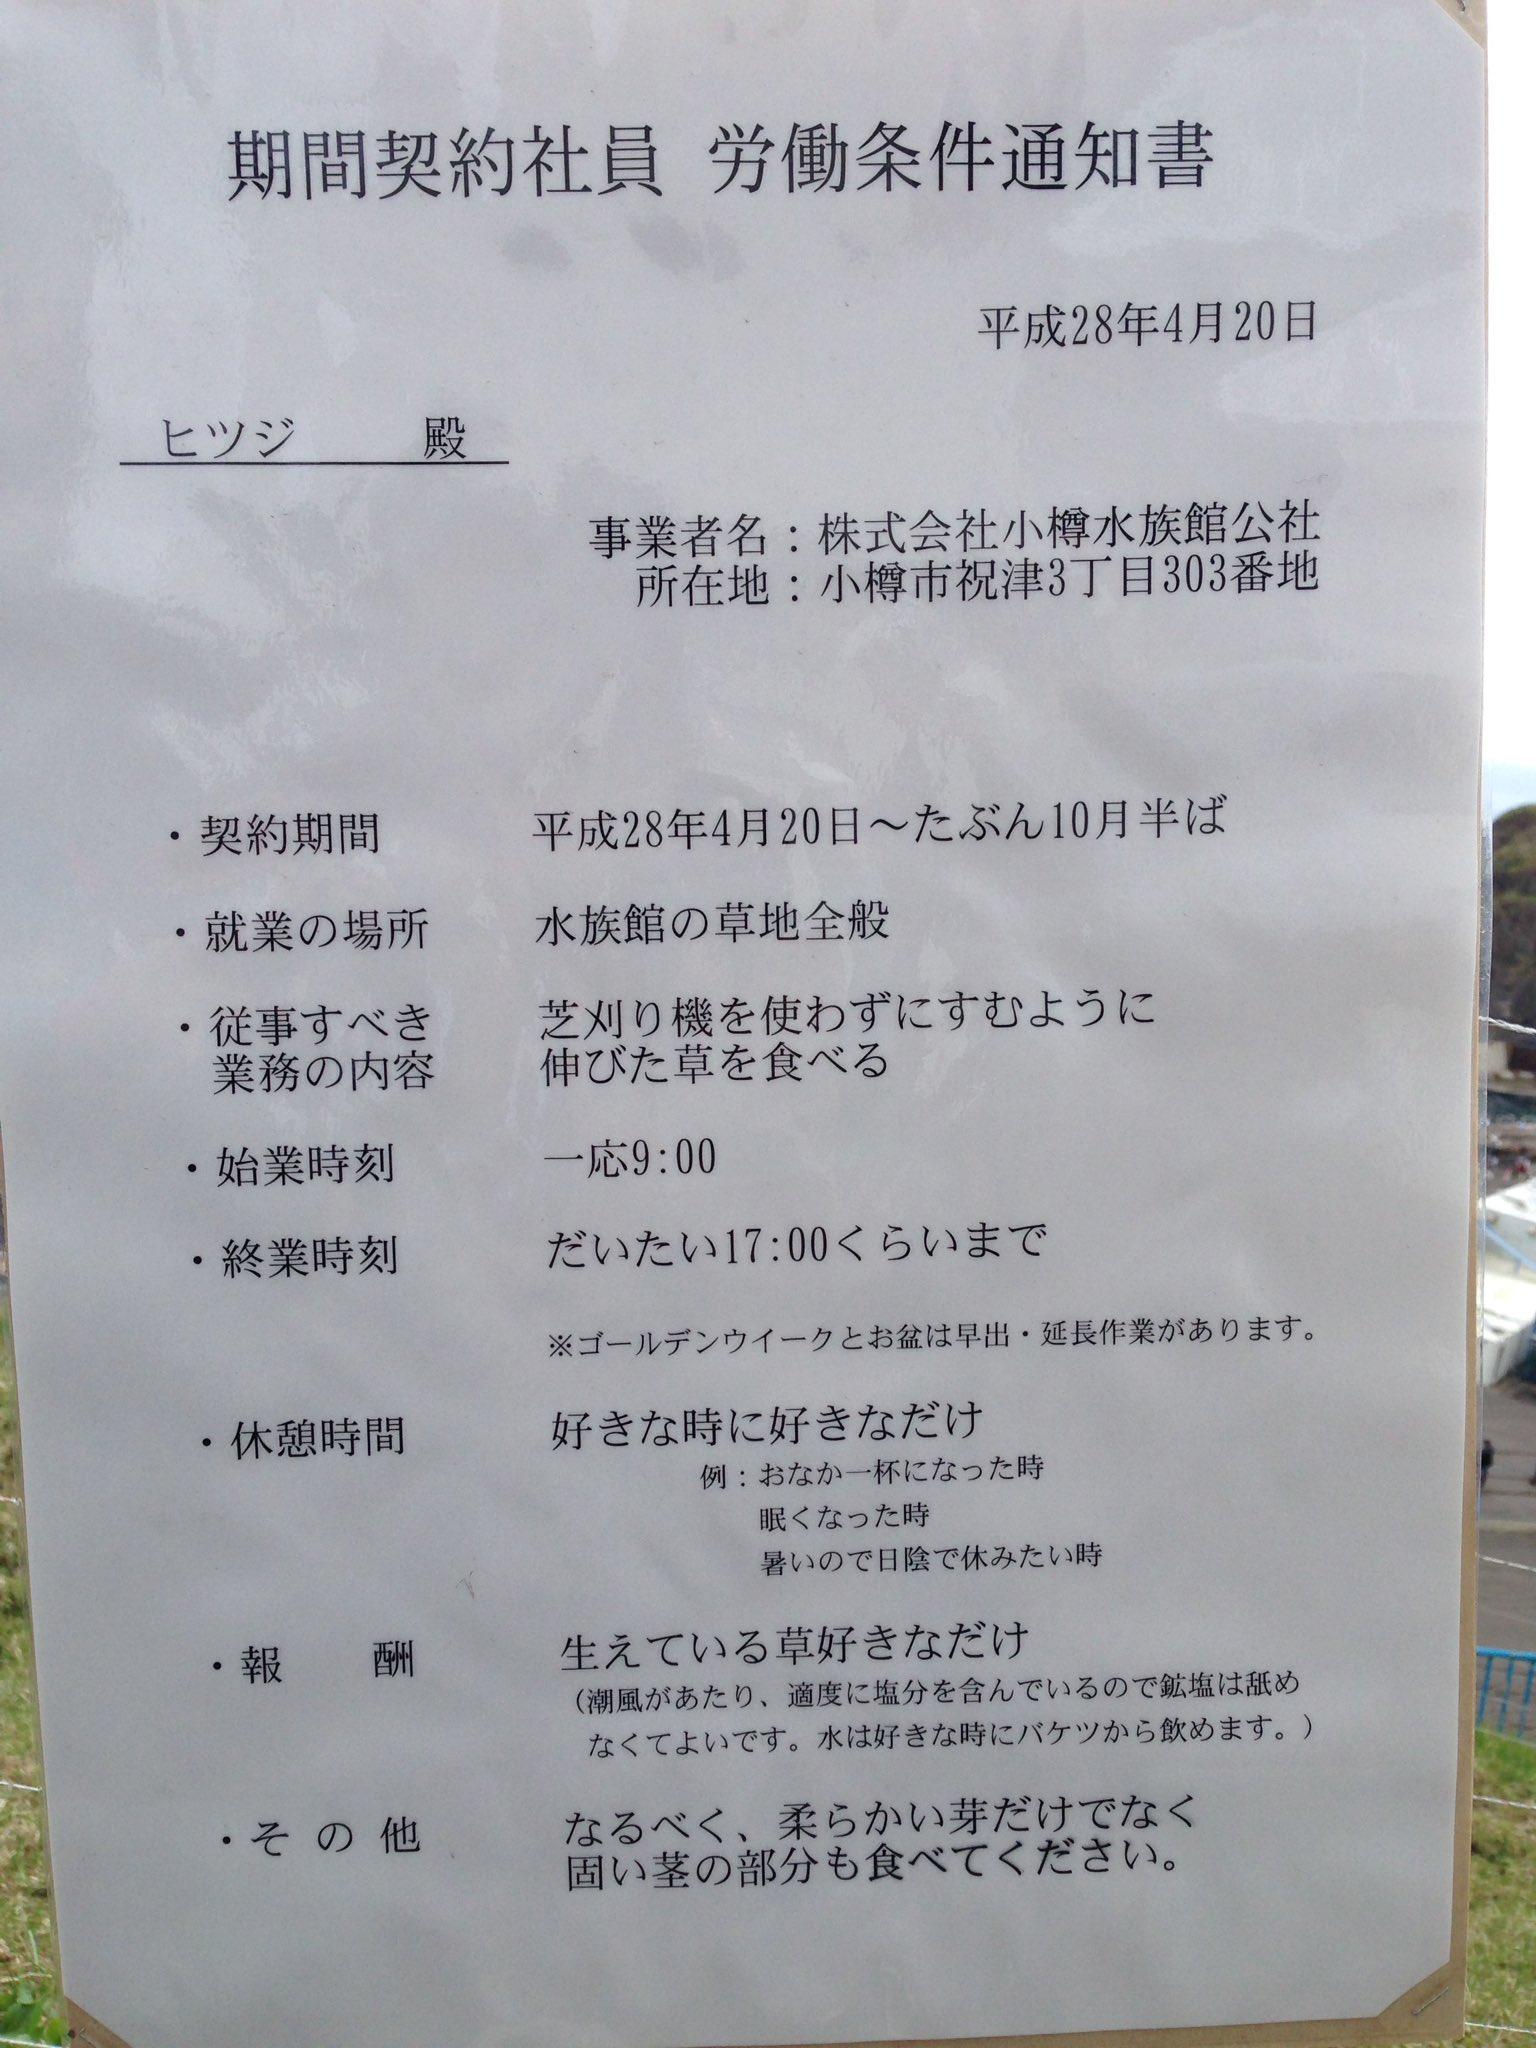 ヒツジさん、期間雇用社員であることが発覚www